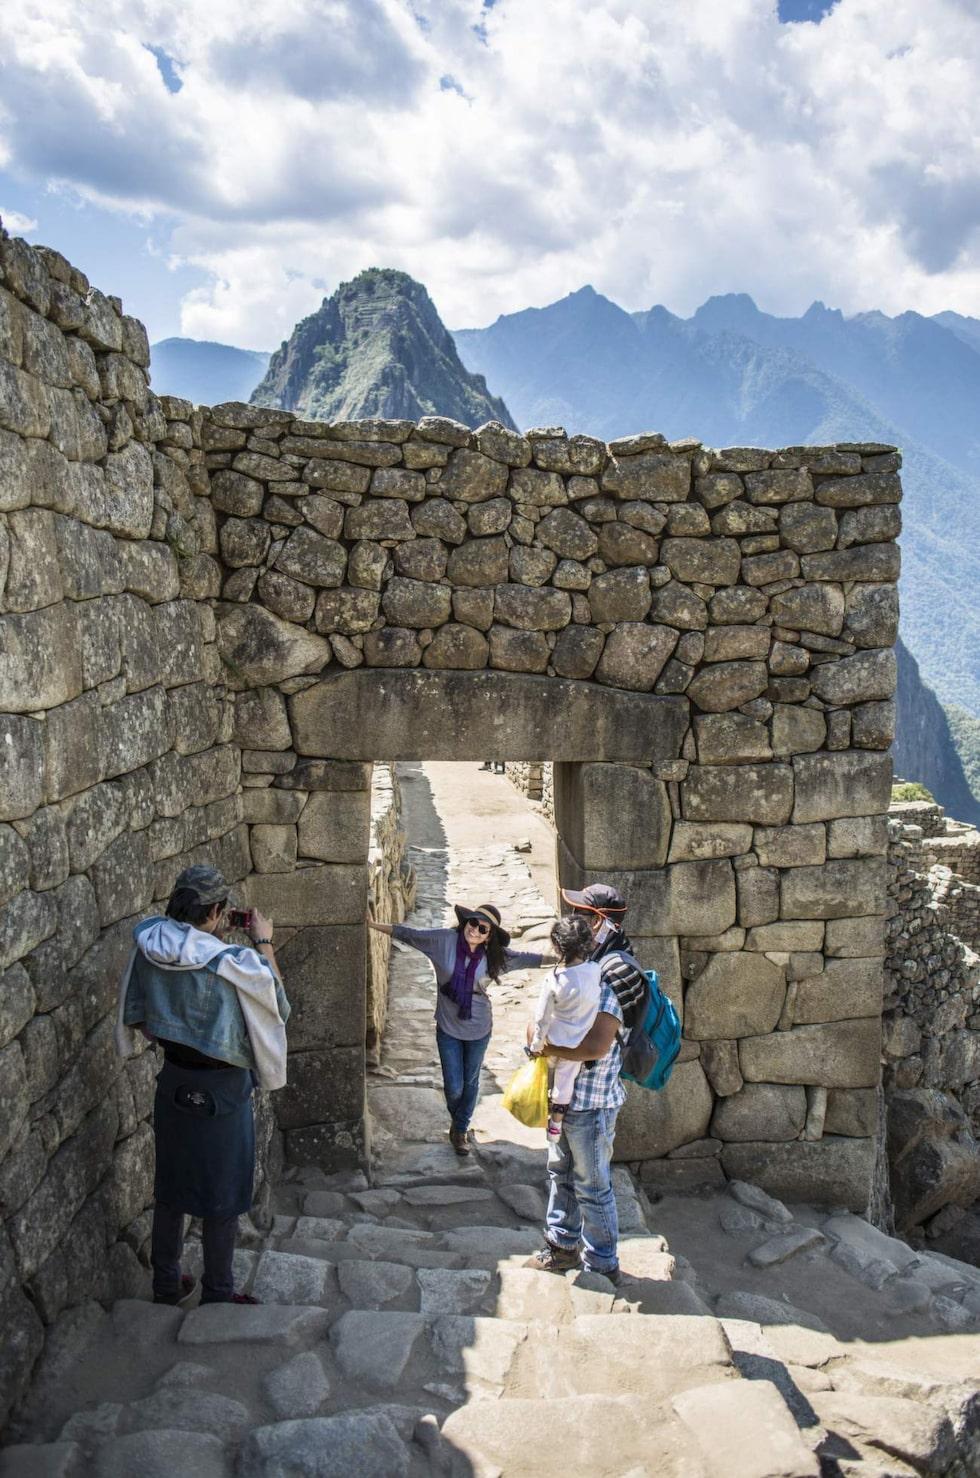 Vid ingången till stenstaden tar turister kort på varandra.